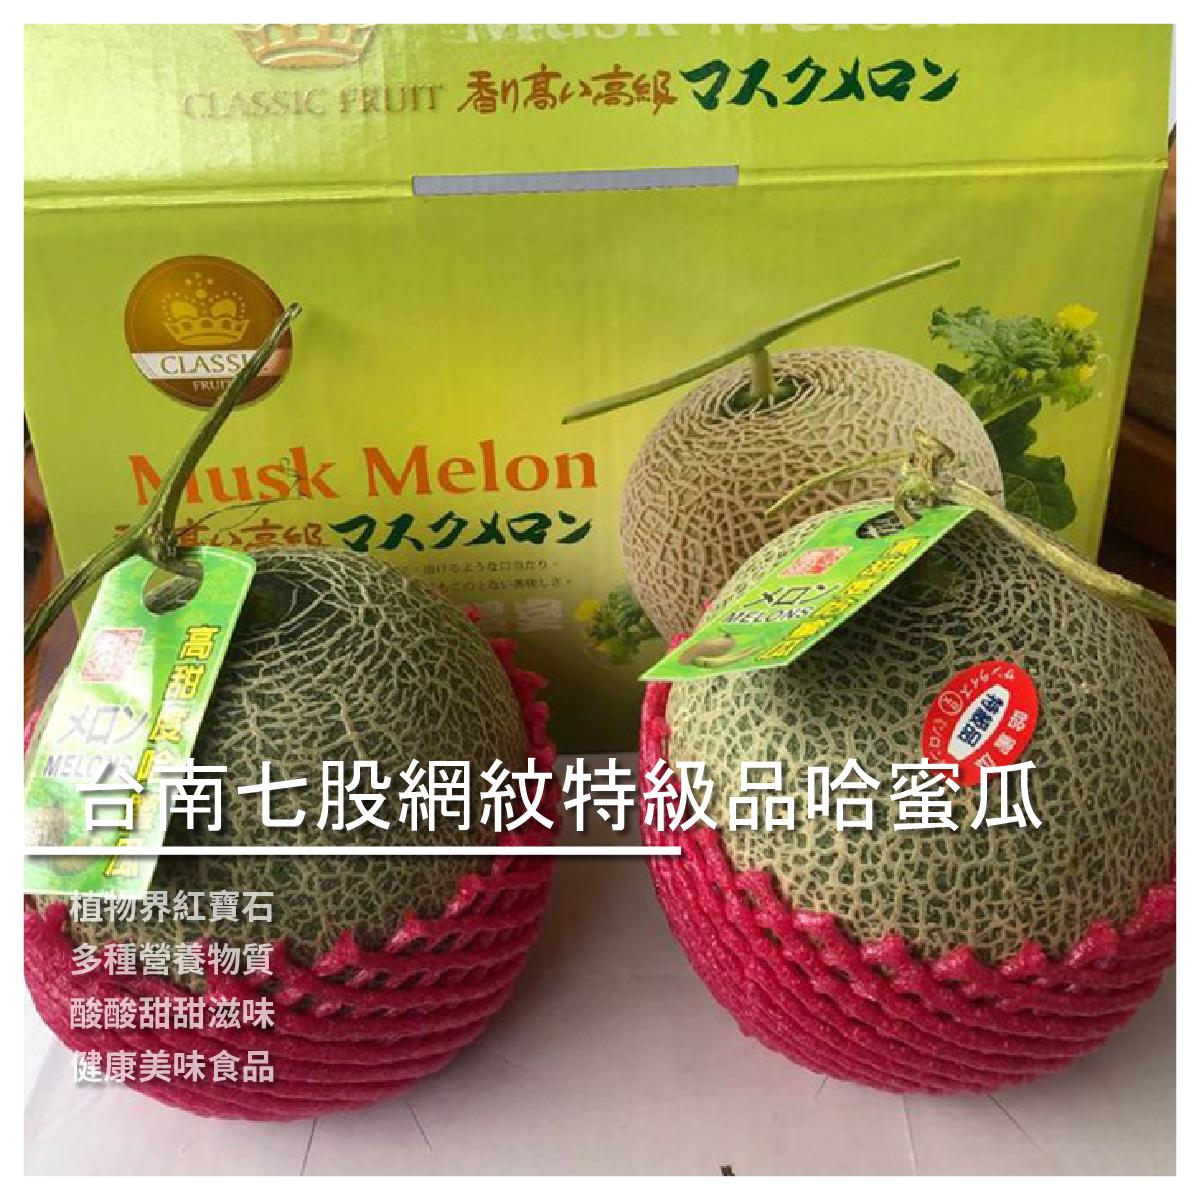 【水狗西西商行】水果西西-台南七股網紋特級品哈蜜瓜